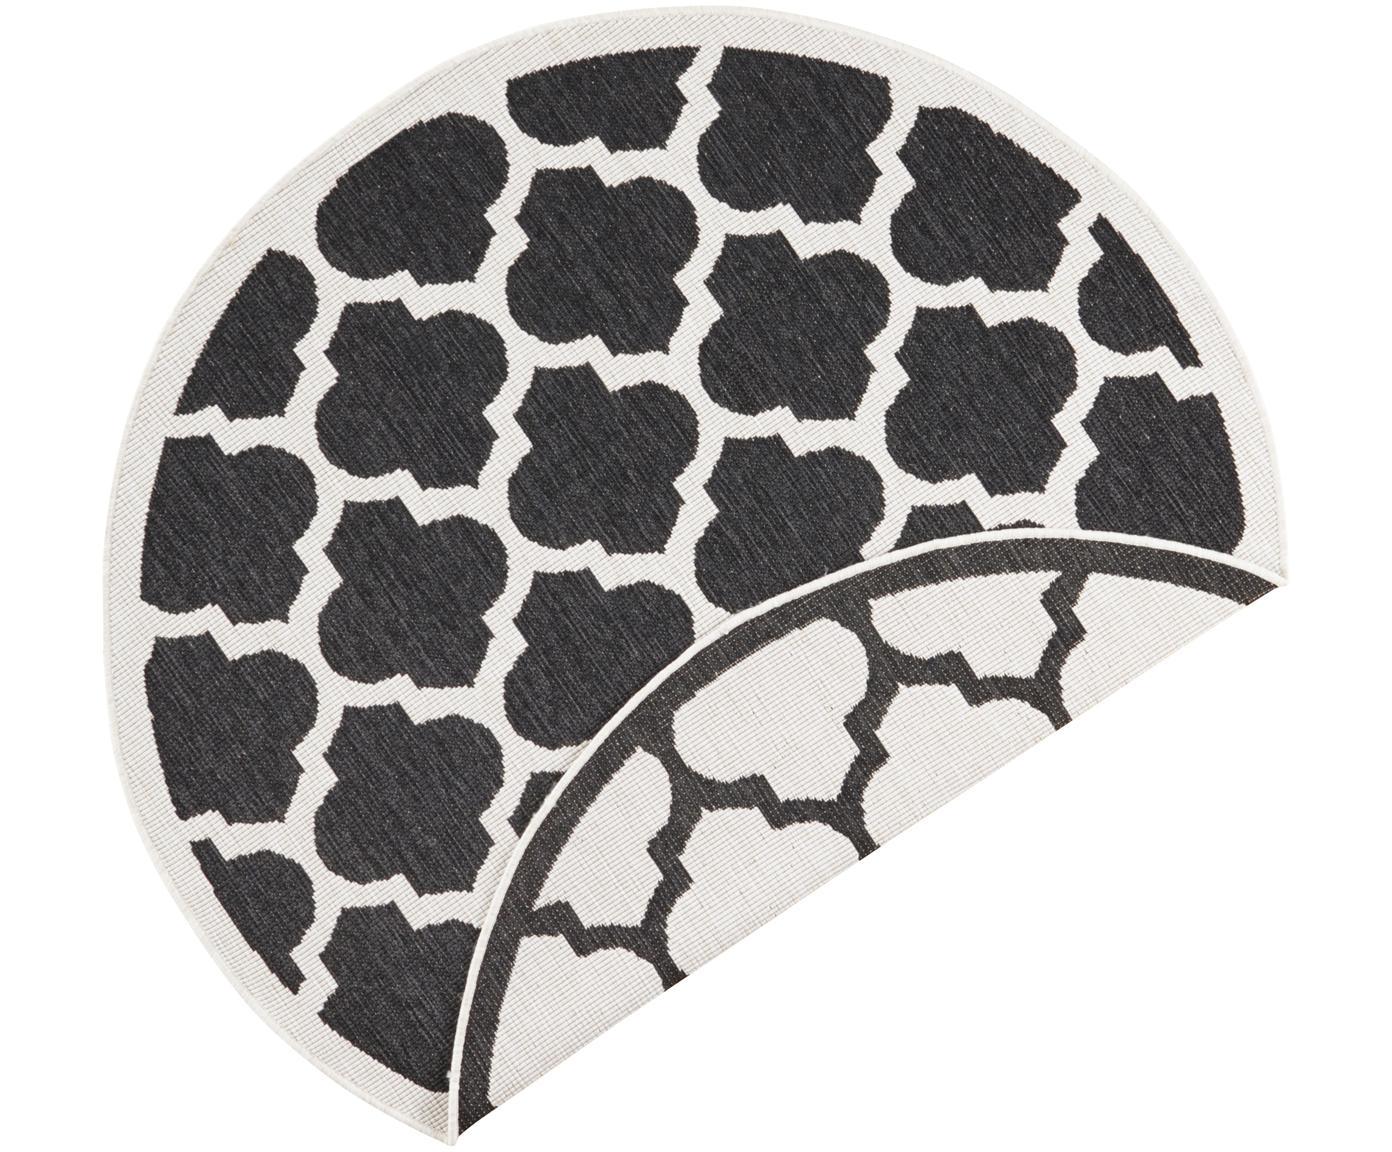 Dubbelzijdig in- & outdoor vloerkleed Palermo, Zwart, crèmekleurig, Ø 140 cm (maat M)